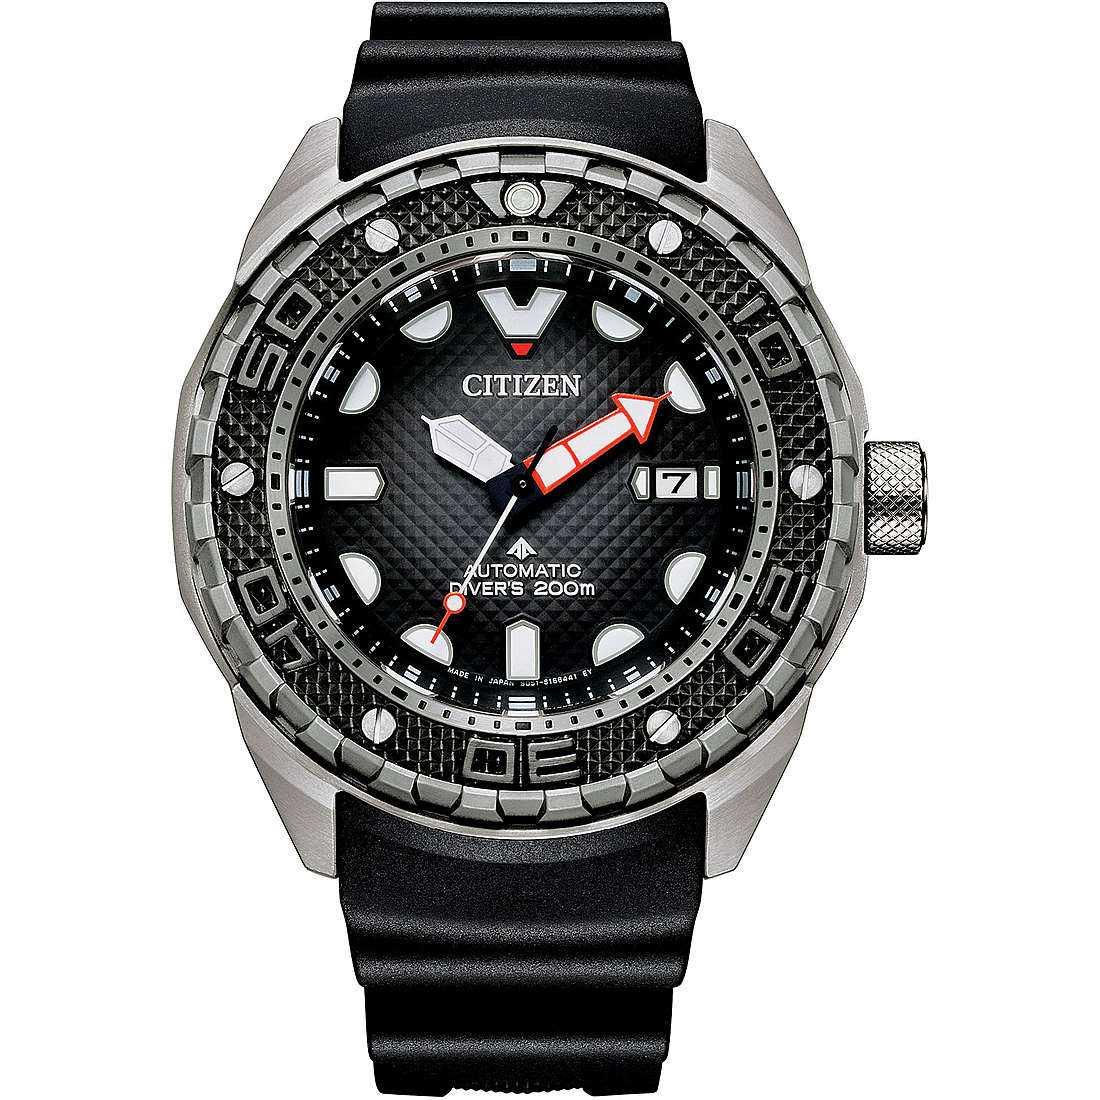 Orologio meccanico uomo citizen promaster nb6004 08e